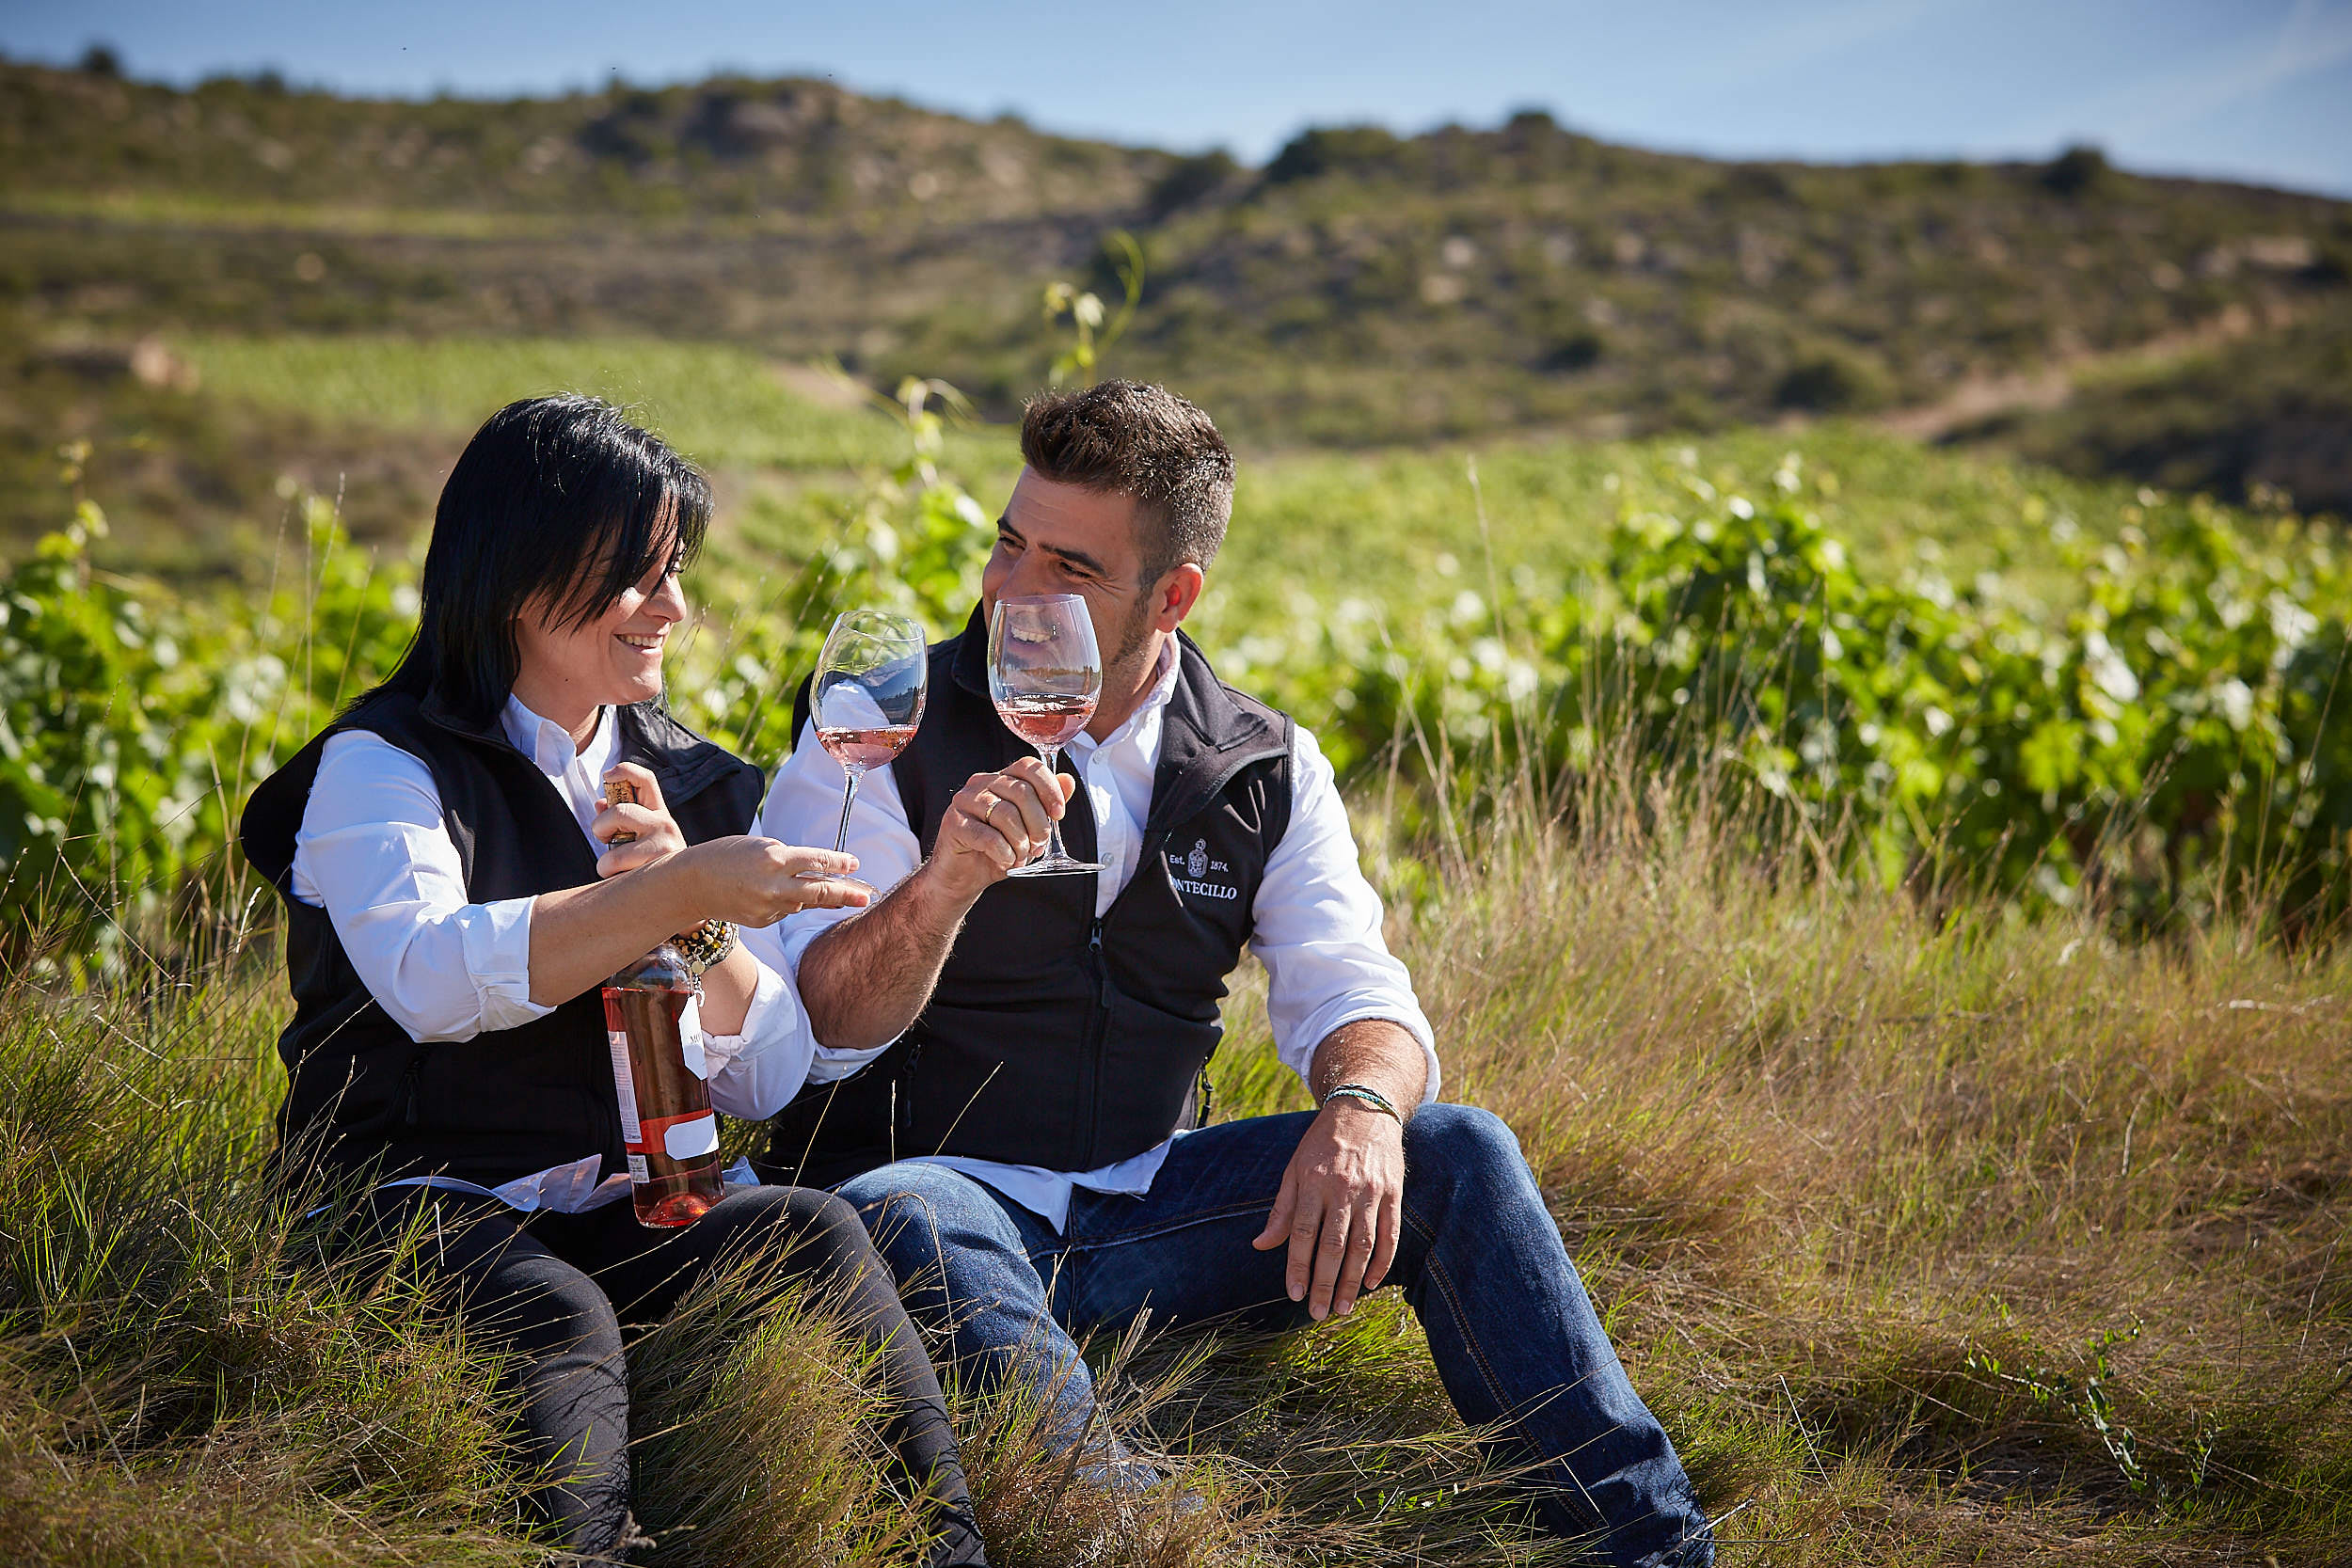 1706Foto_Corporativa_Montecillo_Bodega_La_Rioja_Spain_Sturcke_0012.jpg